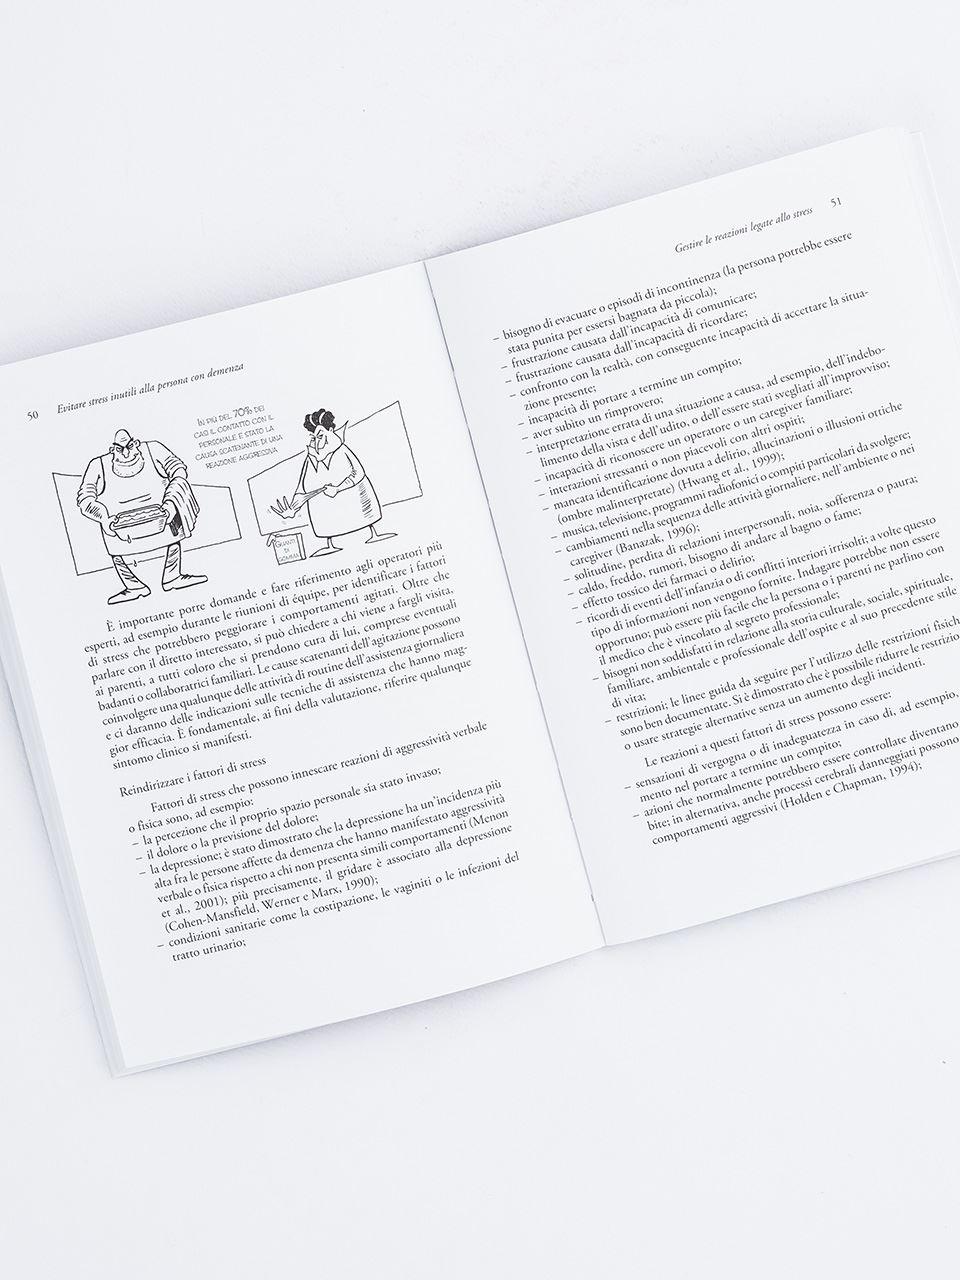 Assistere gli anziani - EVITARE STRESS INUTILI - Libri - Erickson 2